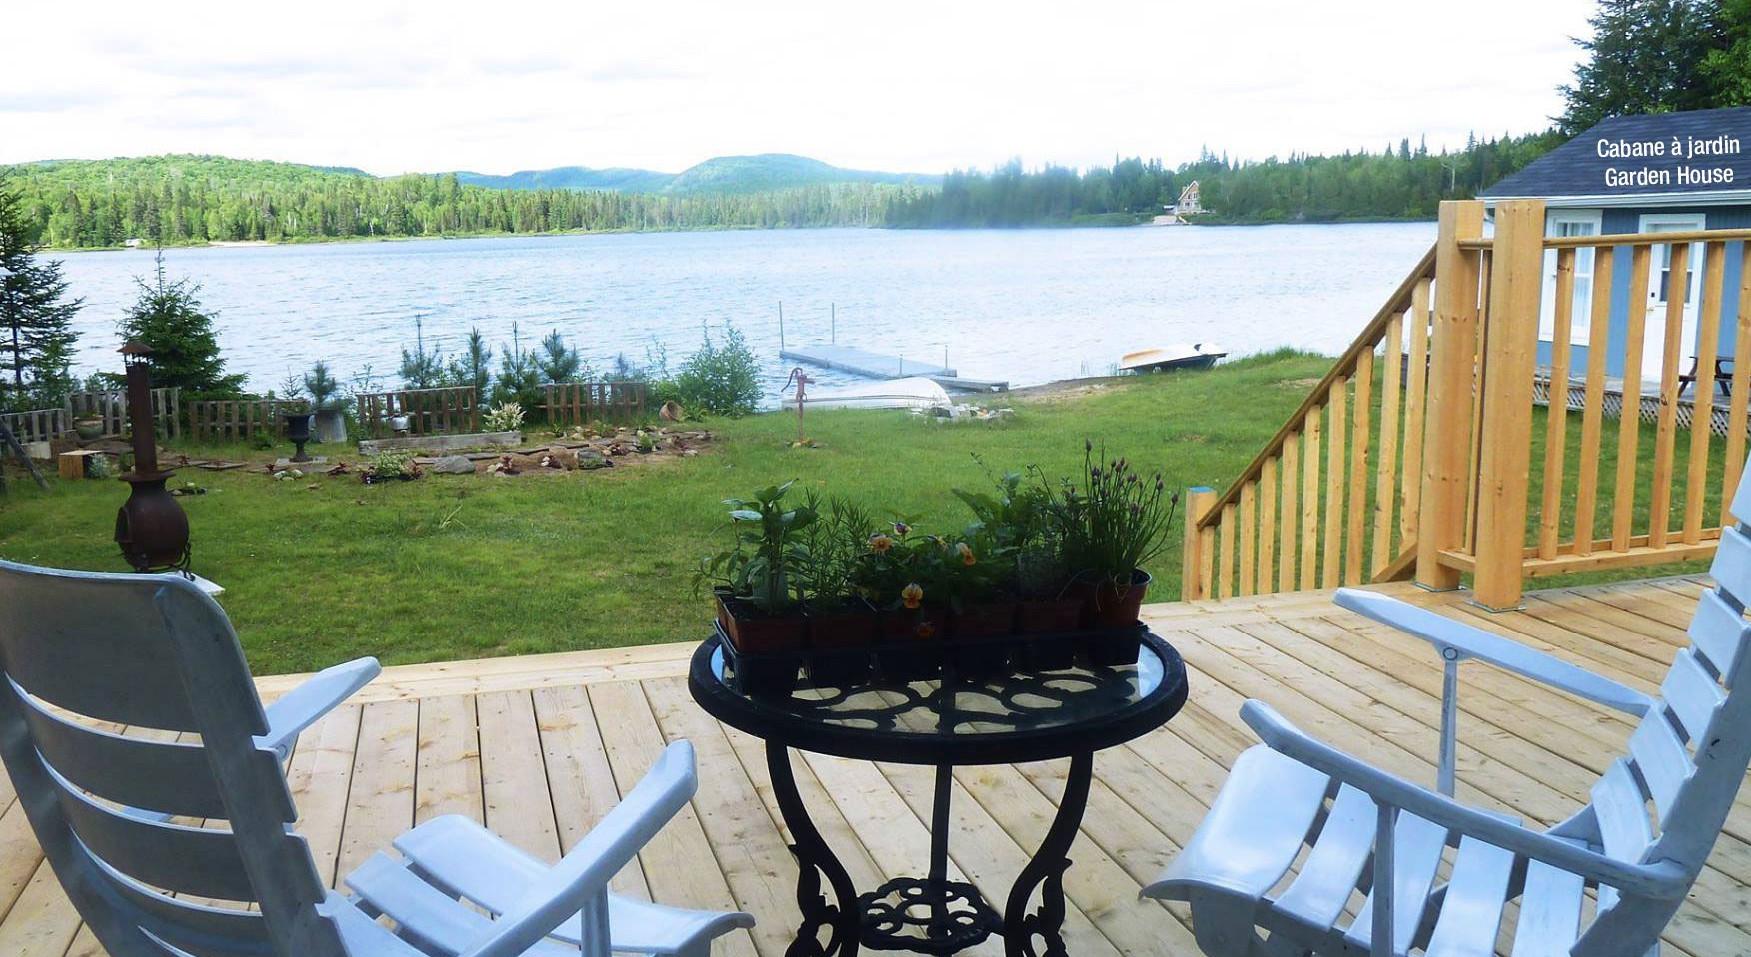 Chalet à louer au Québec | face au lac | 4 saisons Le Cocooning L'Ascension | Véranda face au lac et cabane à jardin